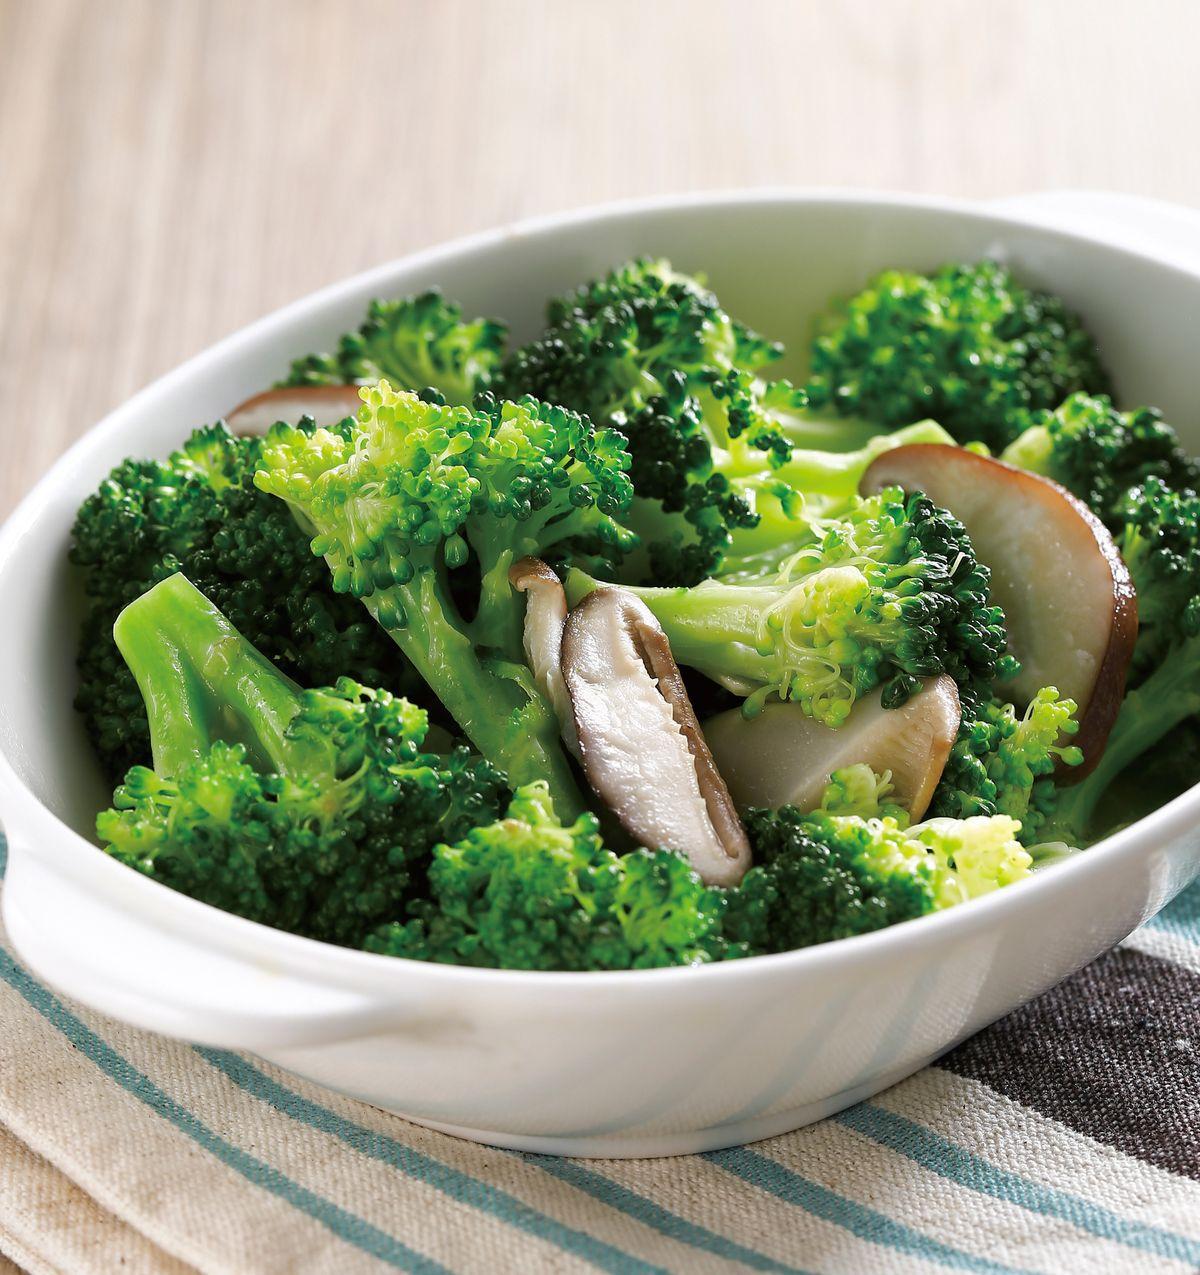 食譜:鮮香菇炒綠花椰菜